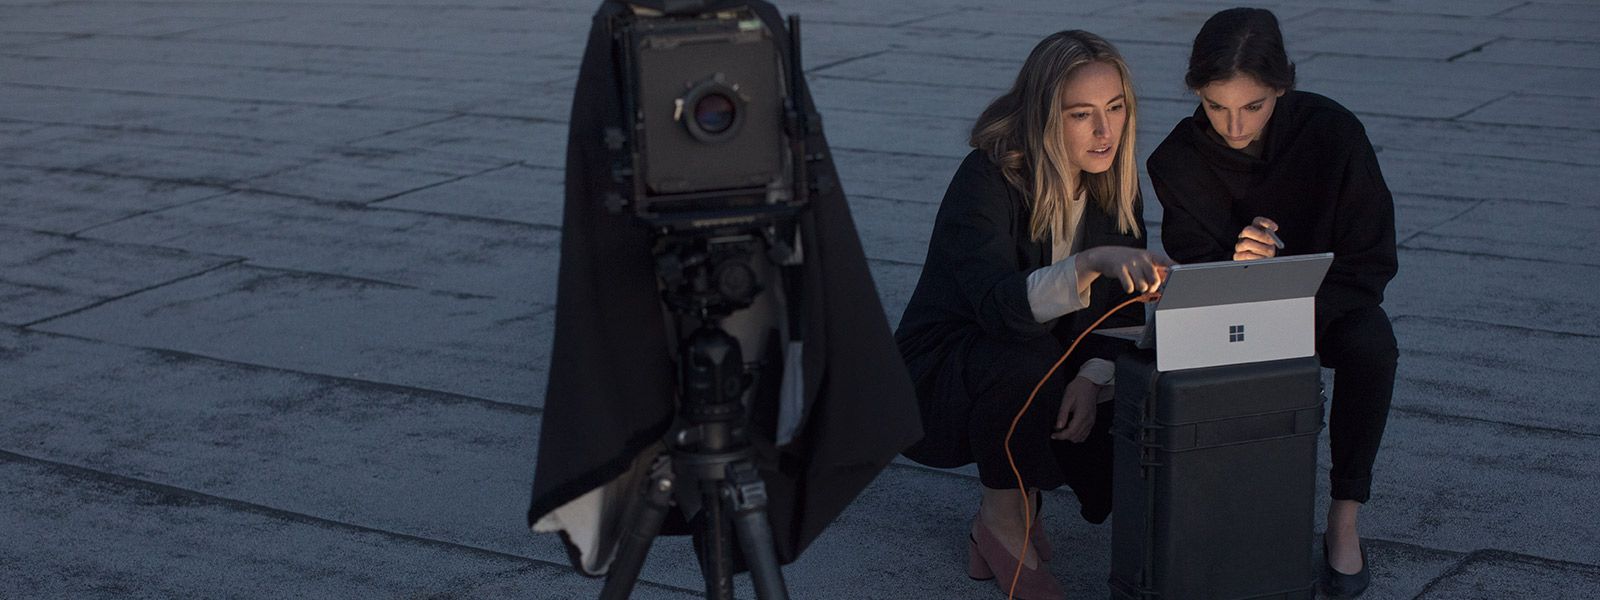 Dois cinegrafistas a usarem o Surface Pro para reverem filmagens